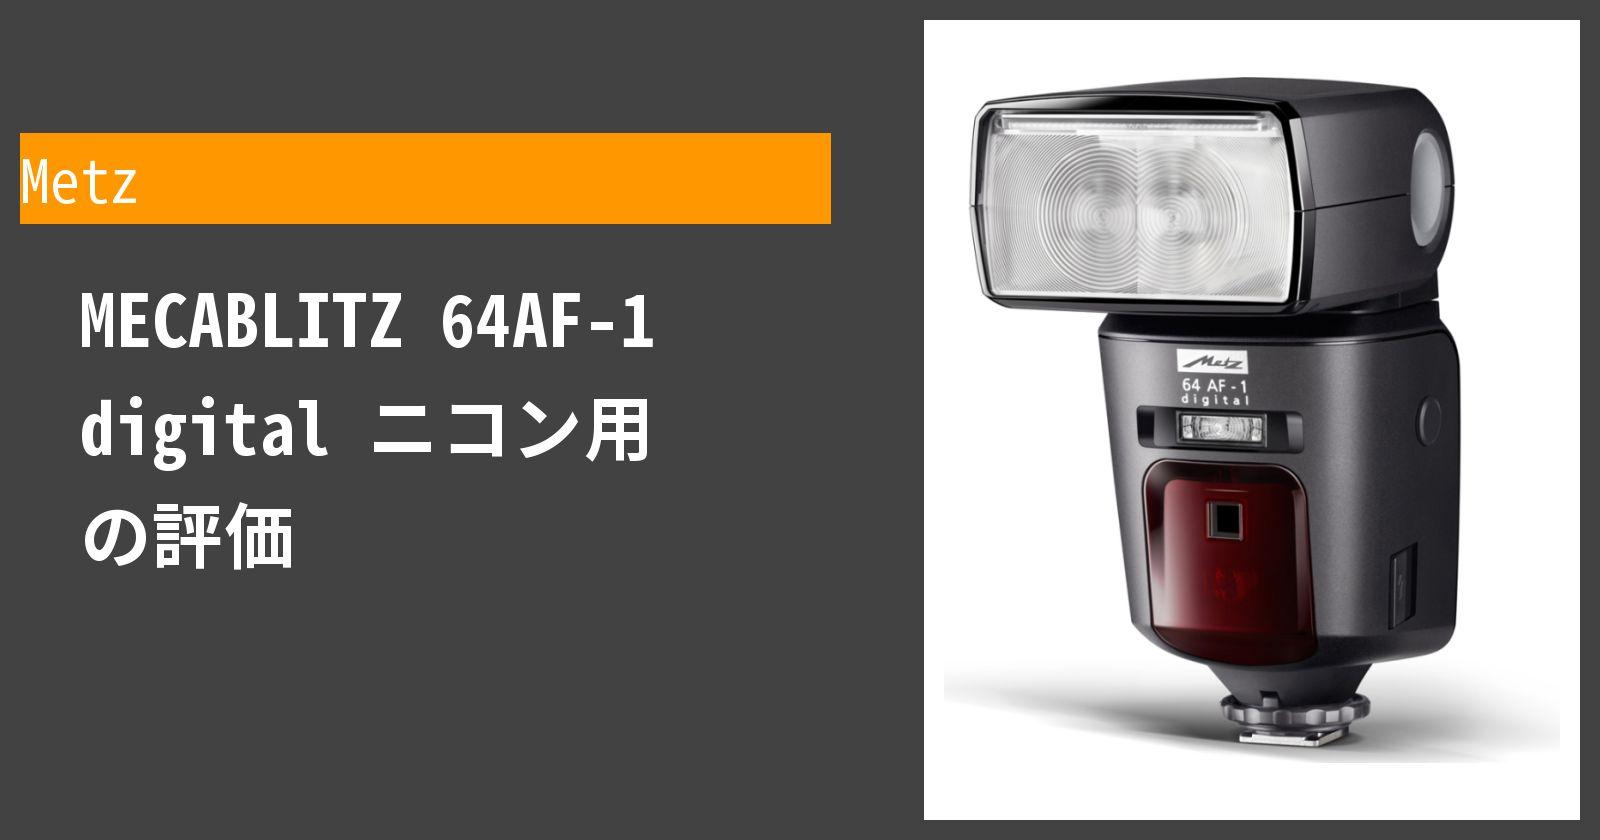 MECABLITZ 64AF-1 digital ニコン用を徹底評価